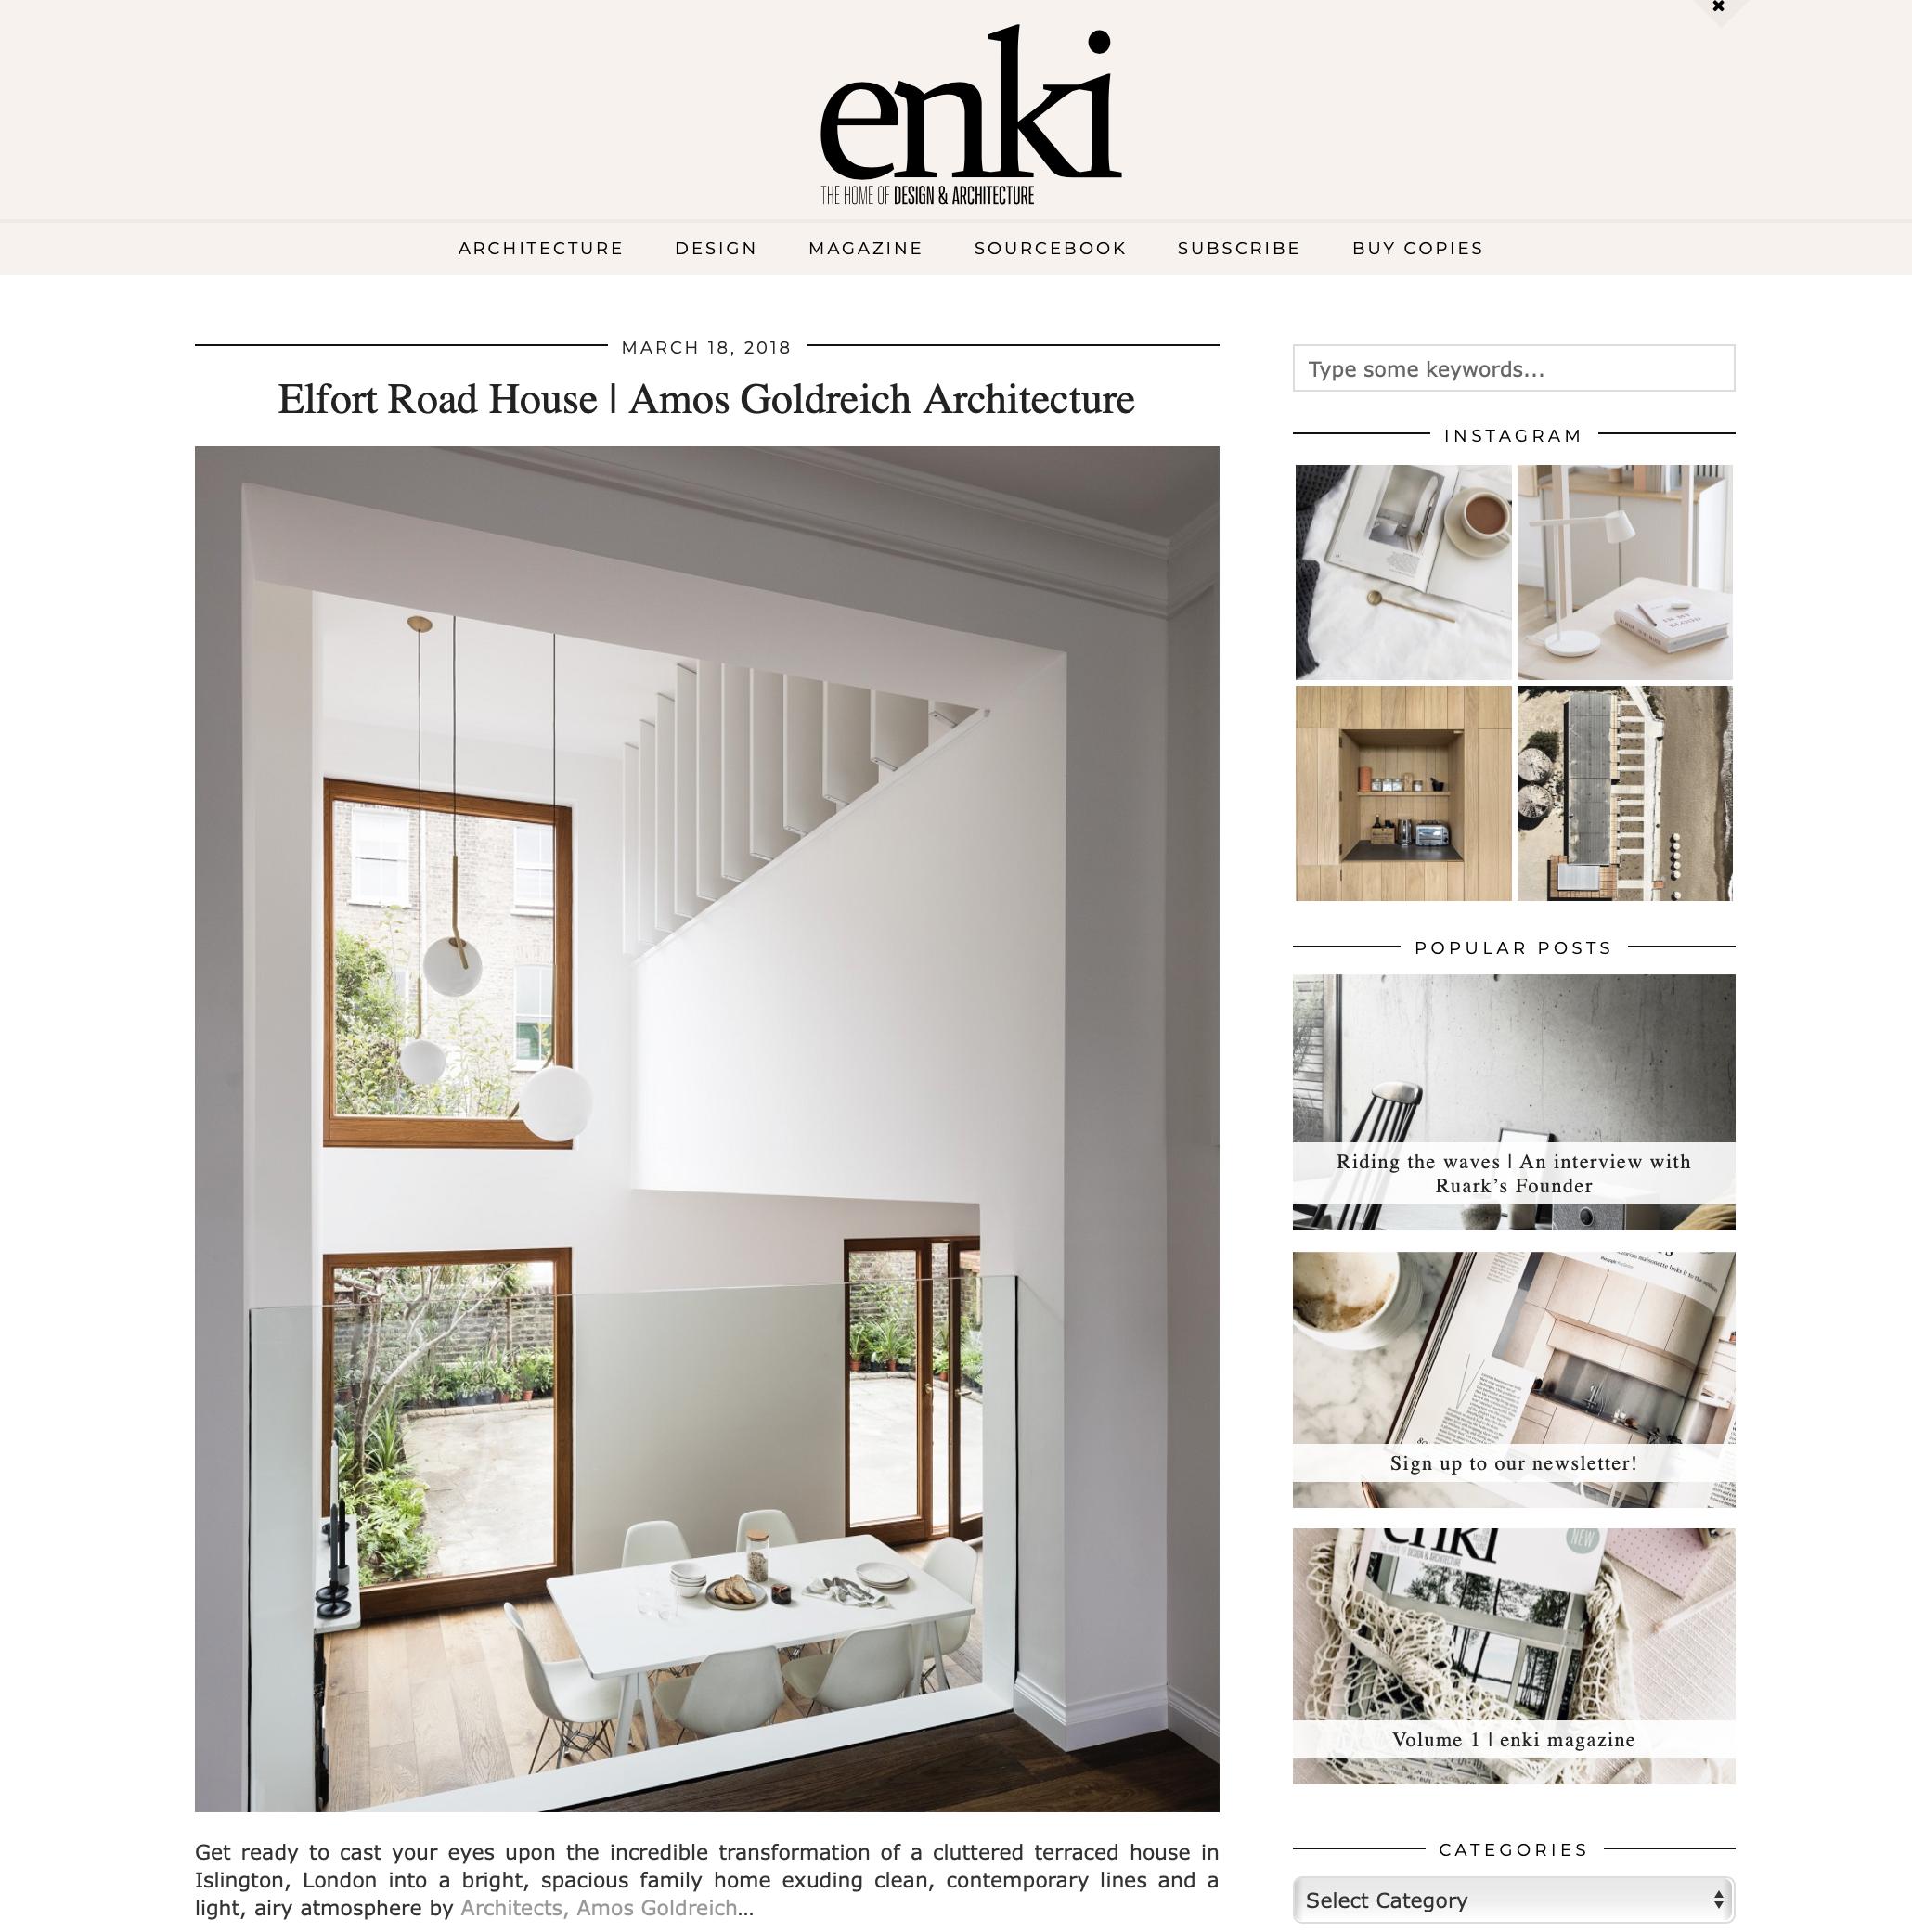 18.03.18 Enki Magazine